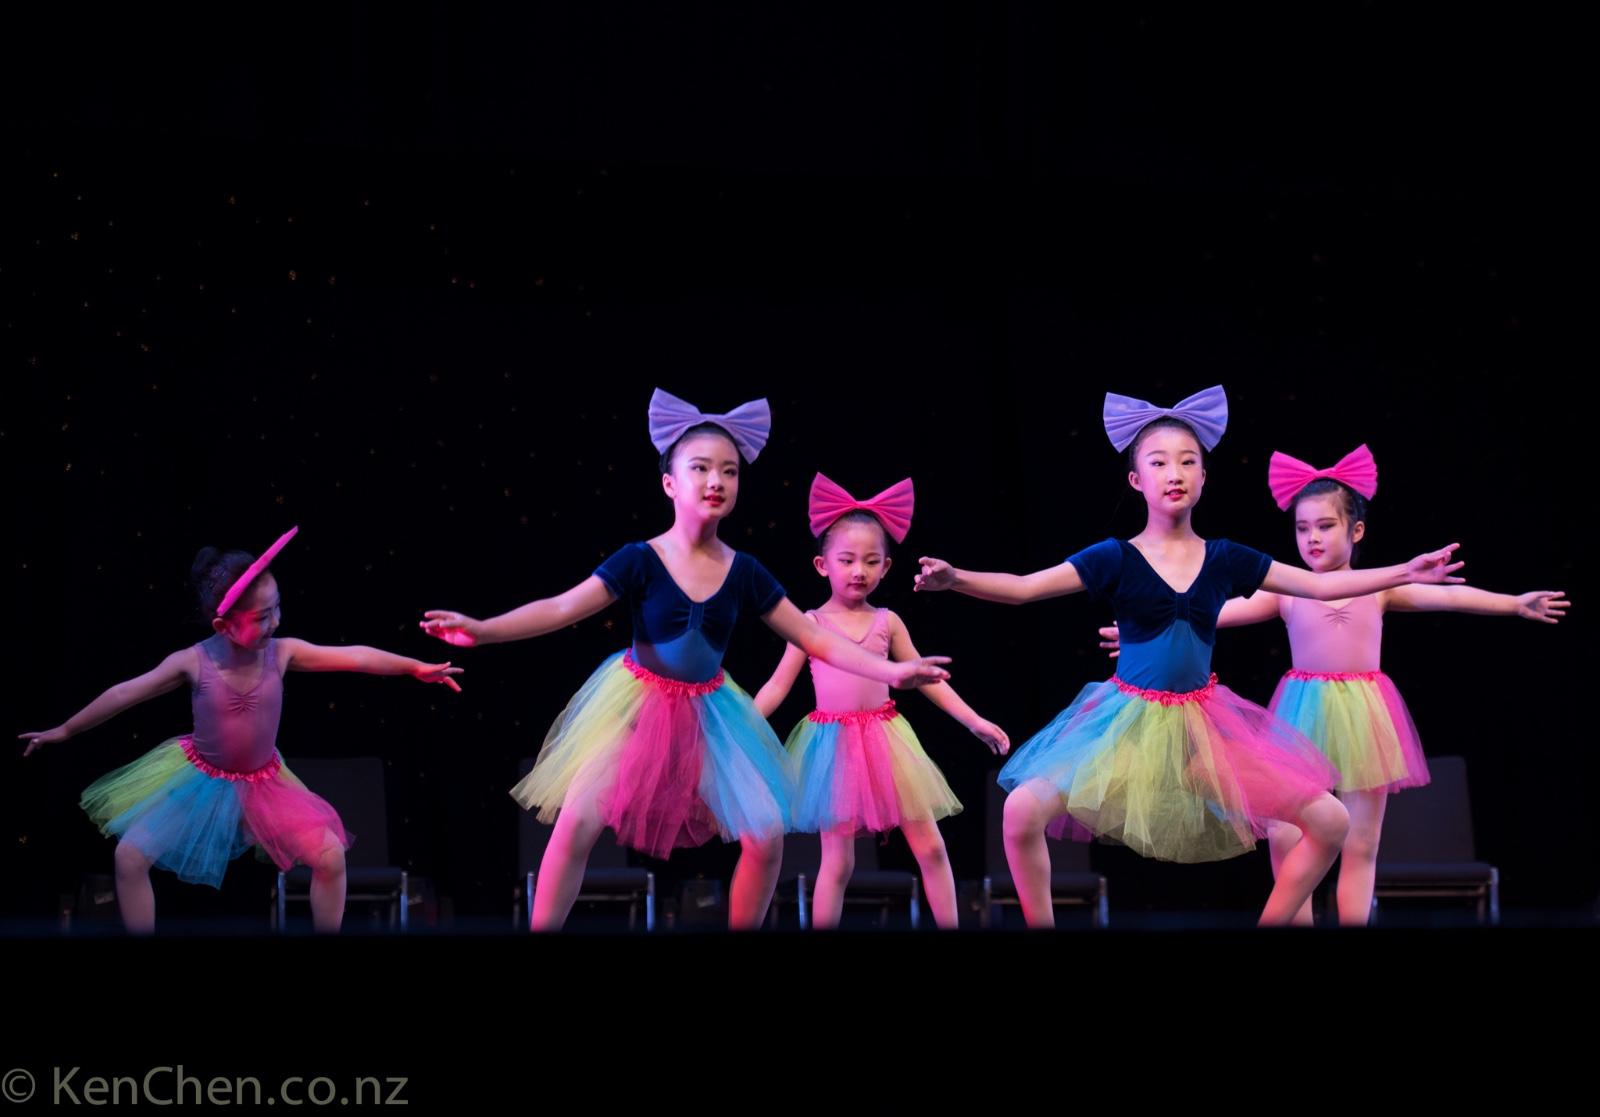 第四届2019新西兰多元化专业舞蹈交流晚会_kenchen.co.nz_9299.jpg